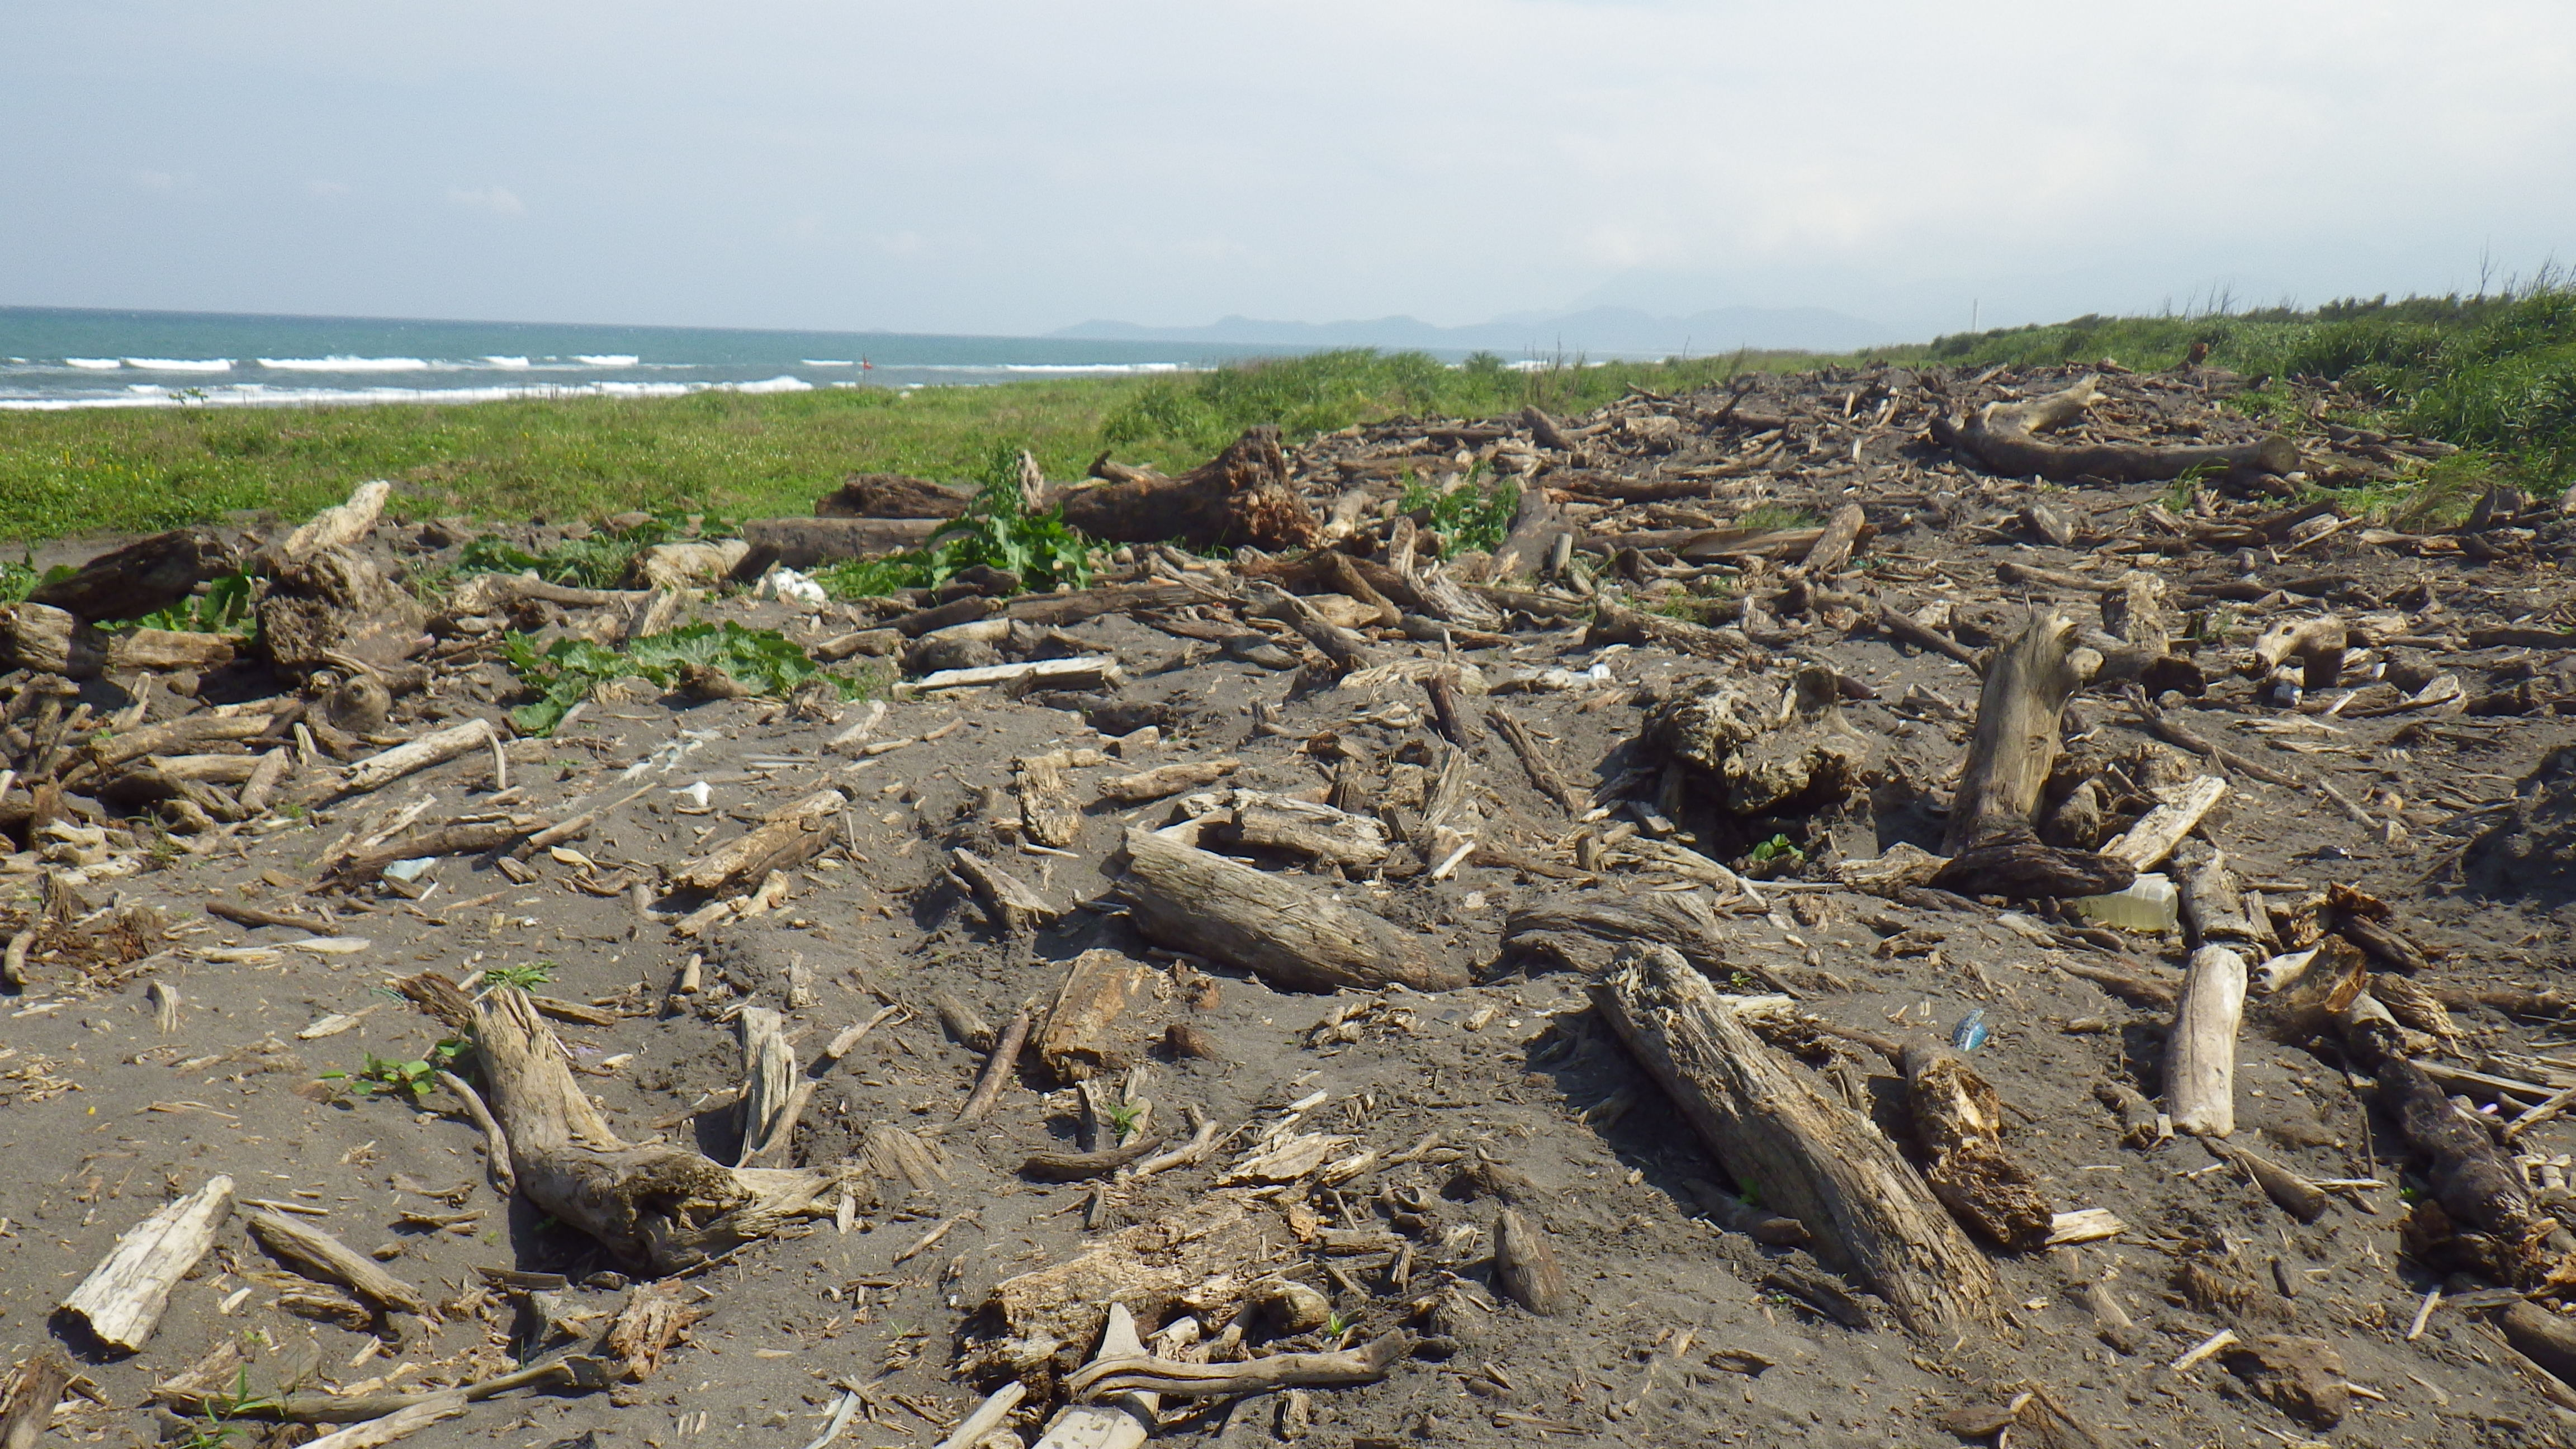 自然資源回收再利用,五結鄉漂流木臨時堆置場開放民眾撿拾